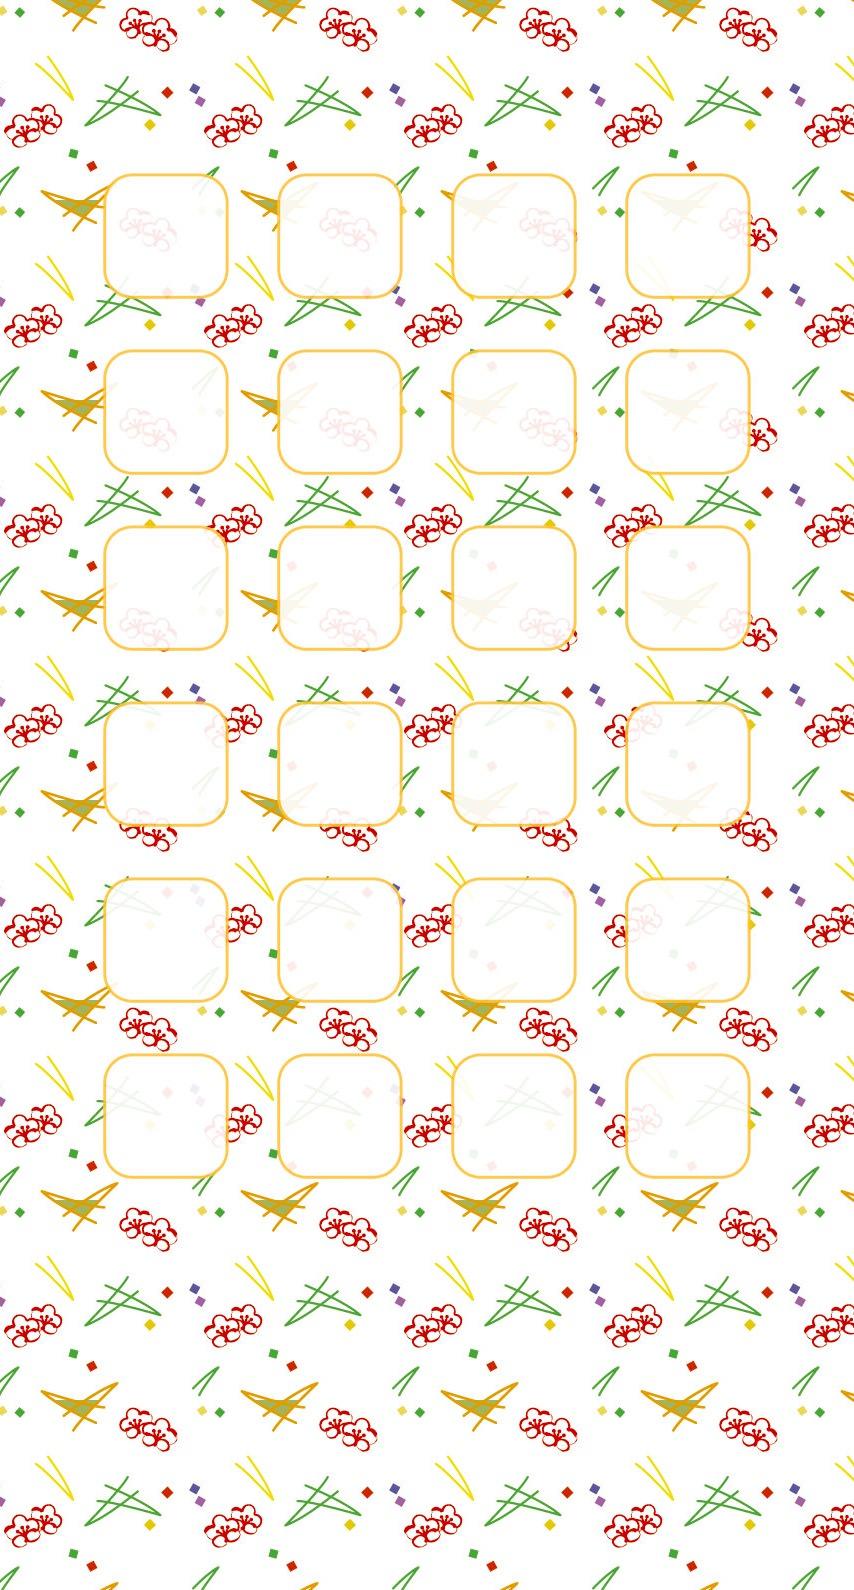 和 花模様 柄 iPhone6壁紙